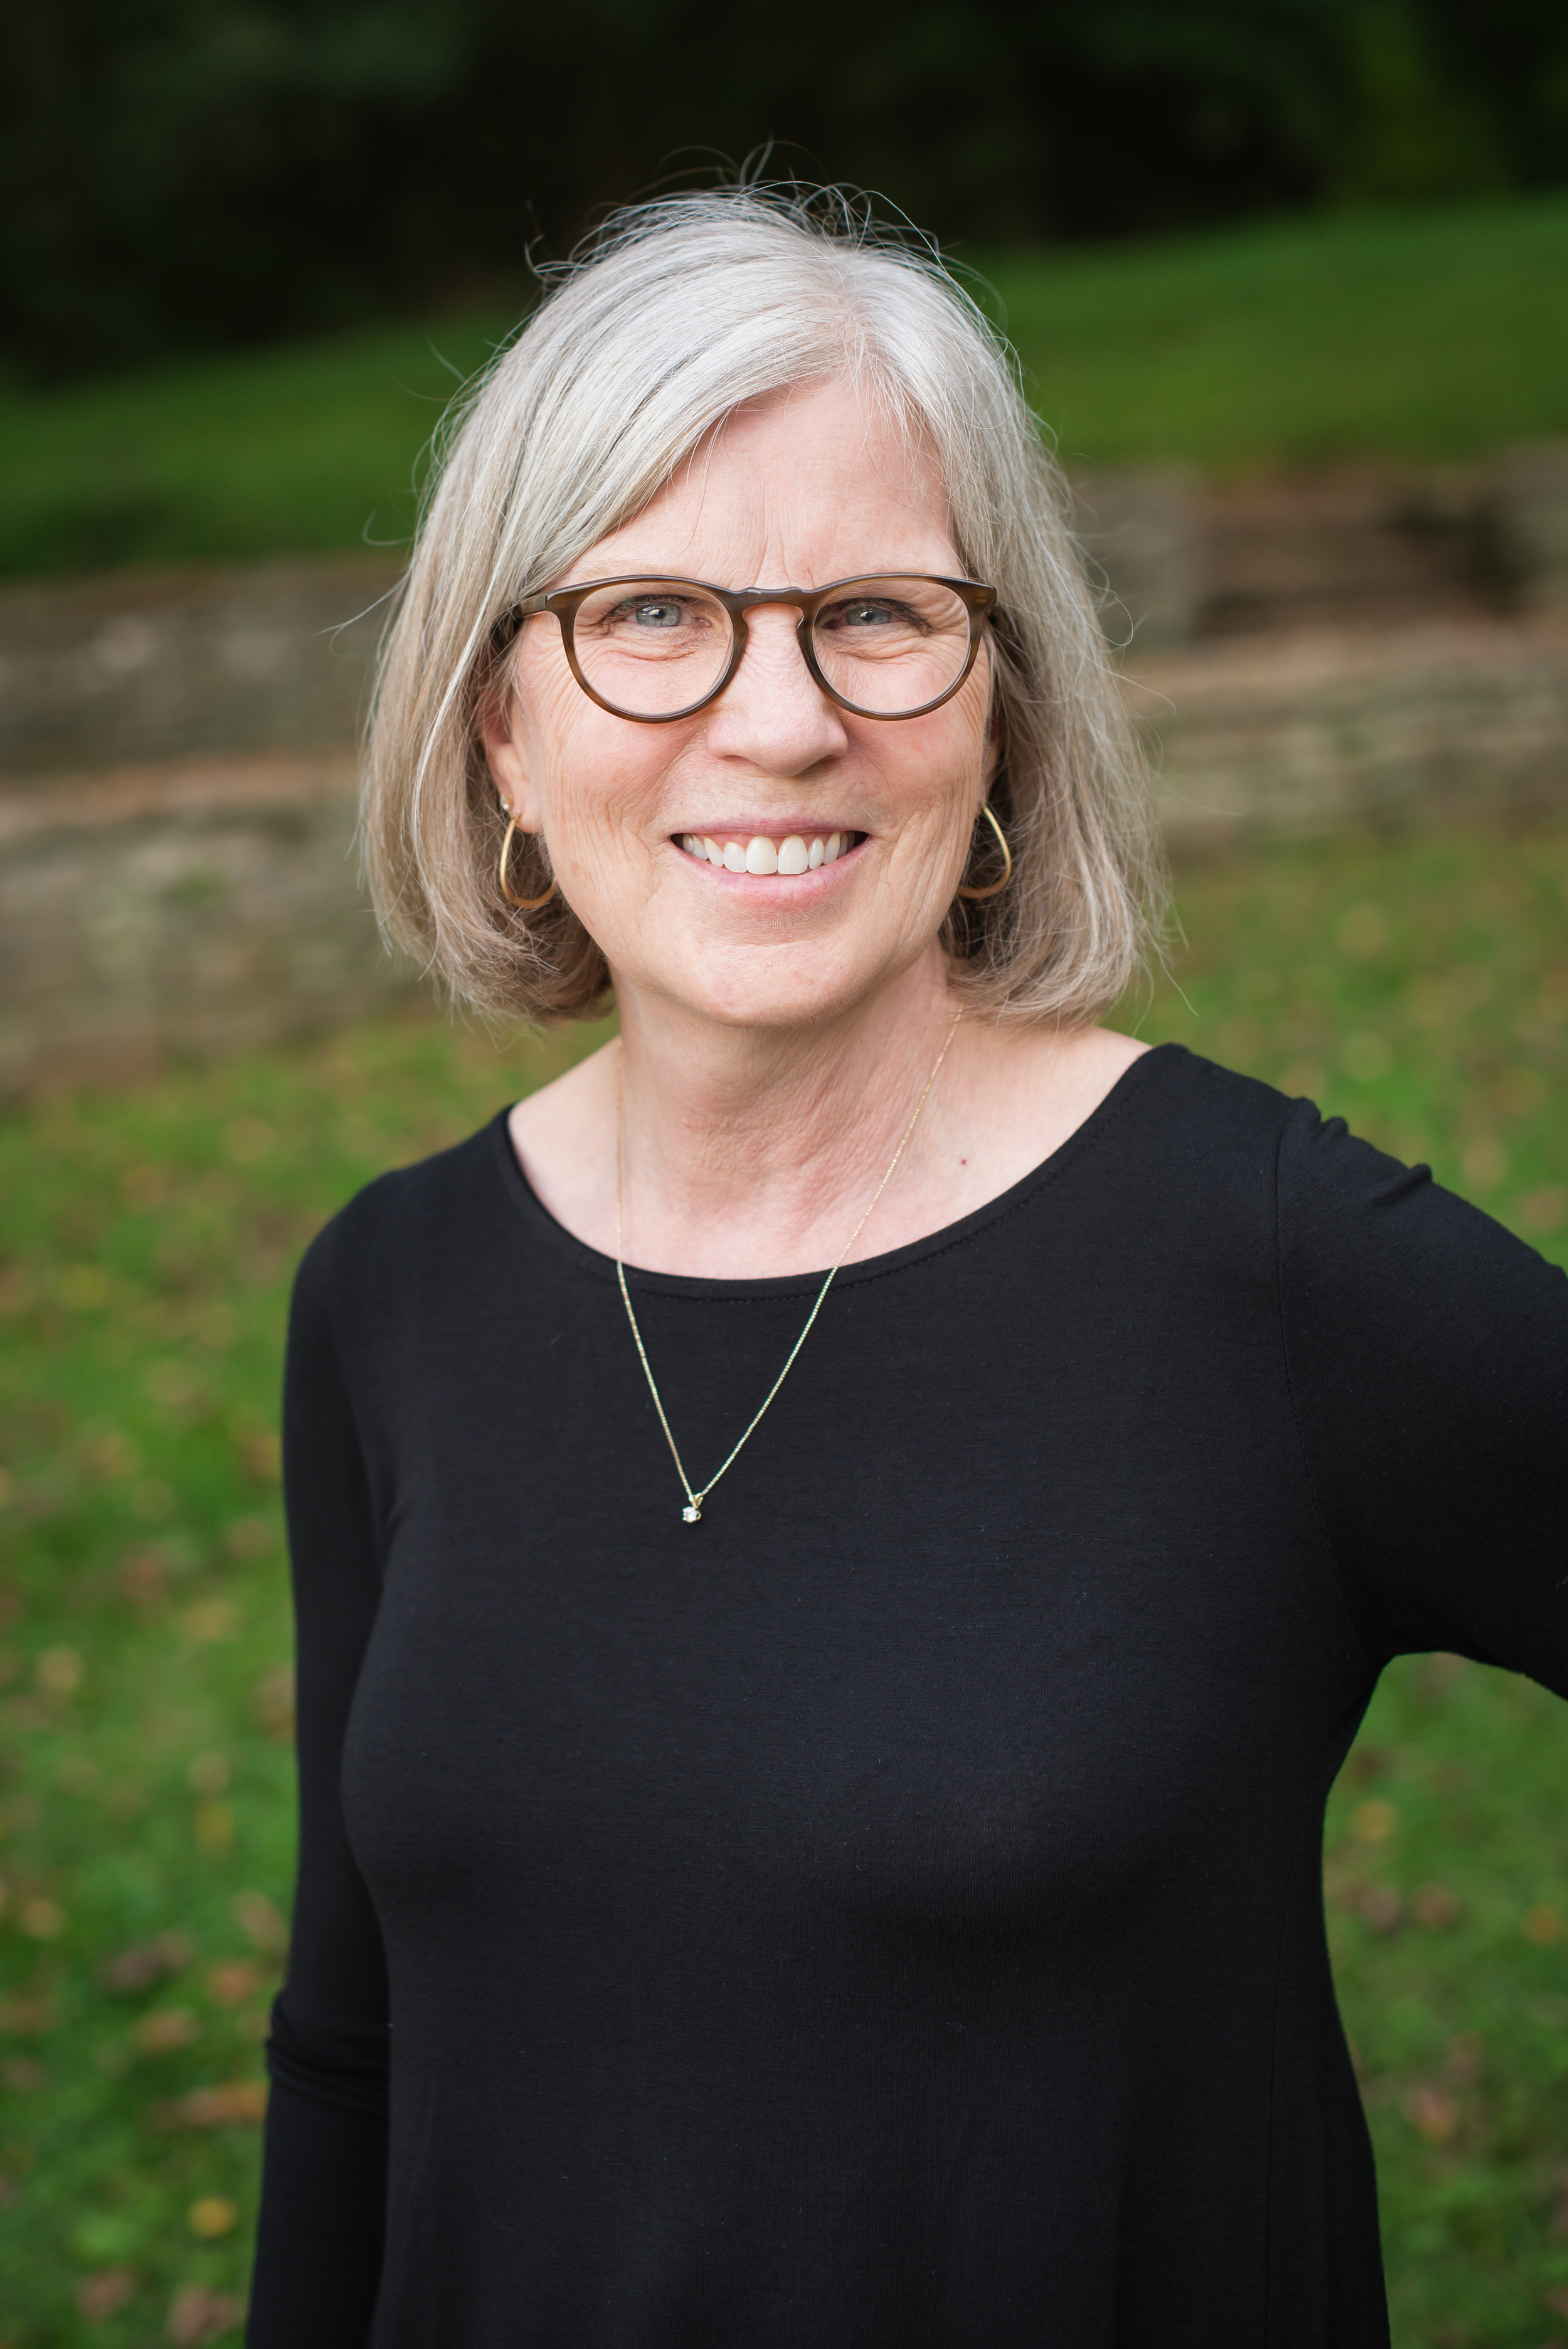 Beth Herrin  Dental hygienist, 40 Years Experience  N2O certified, CPR, Dental Radiology